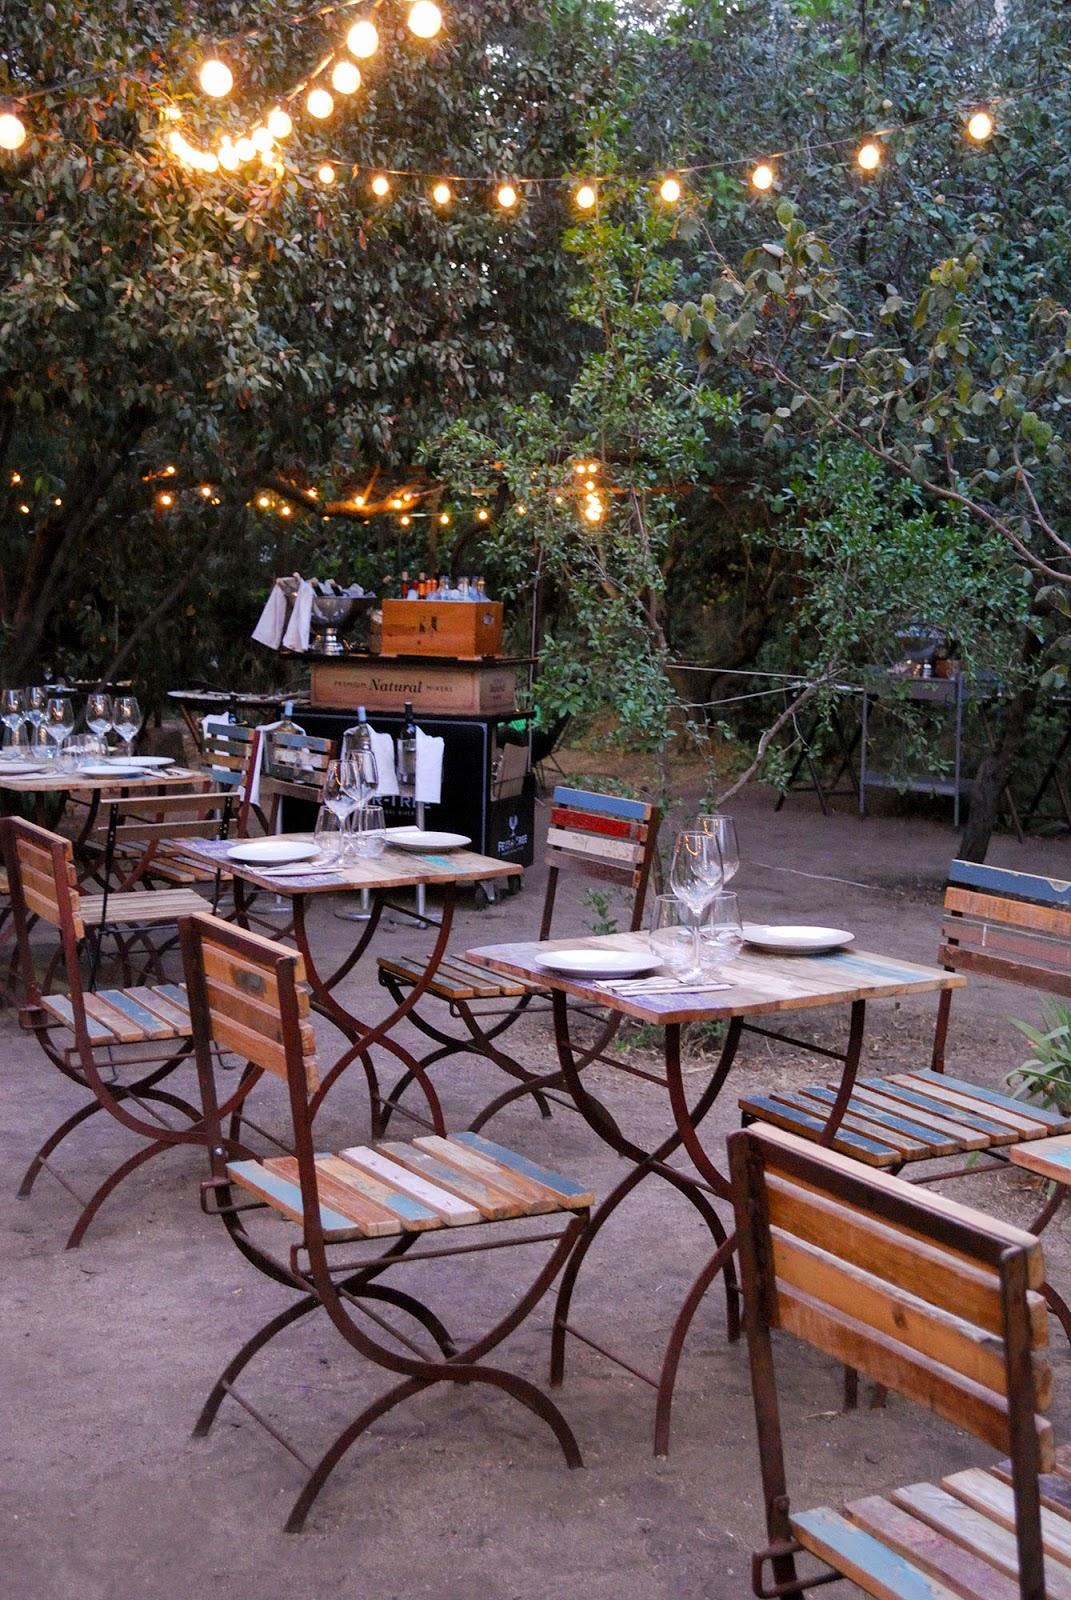 olivar castillejo fundacion concert restaurant olive tree madrid